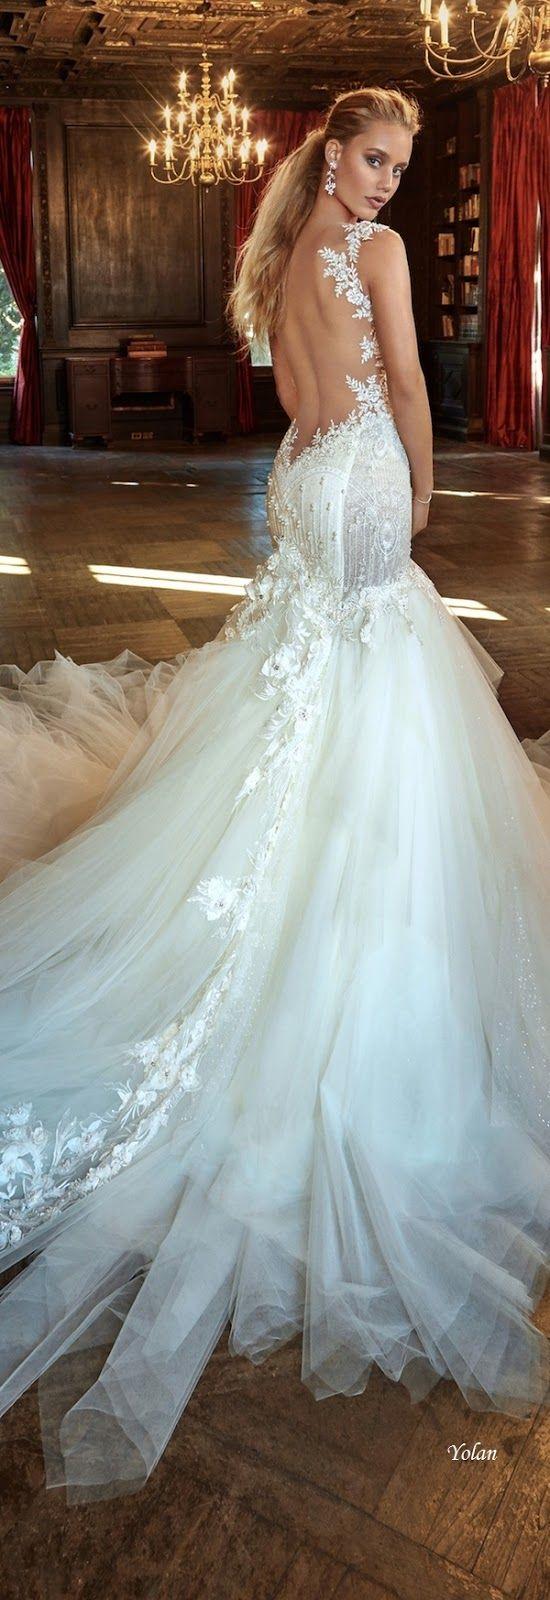 Mejores 1475 imágenes de parte trasera de vestidos de novia en ...